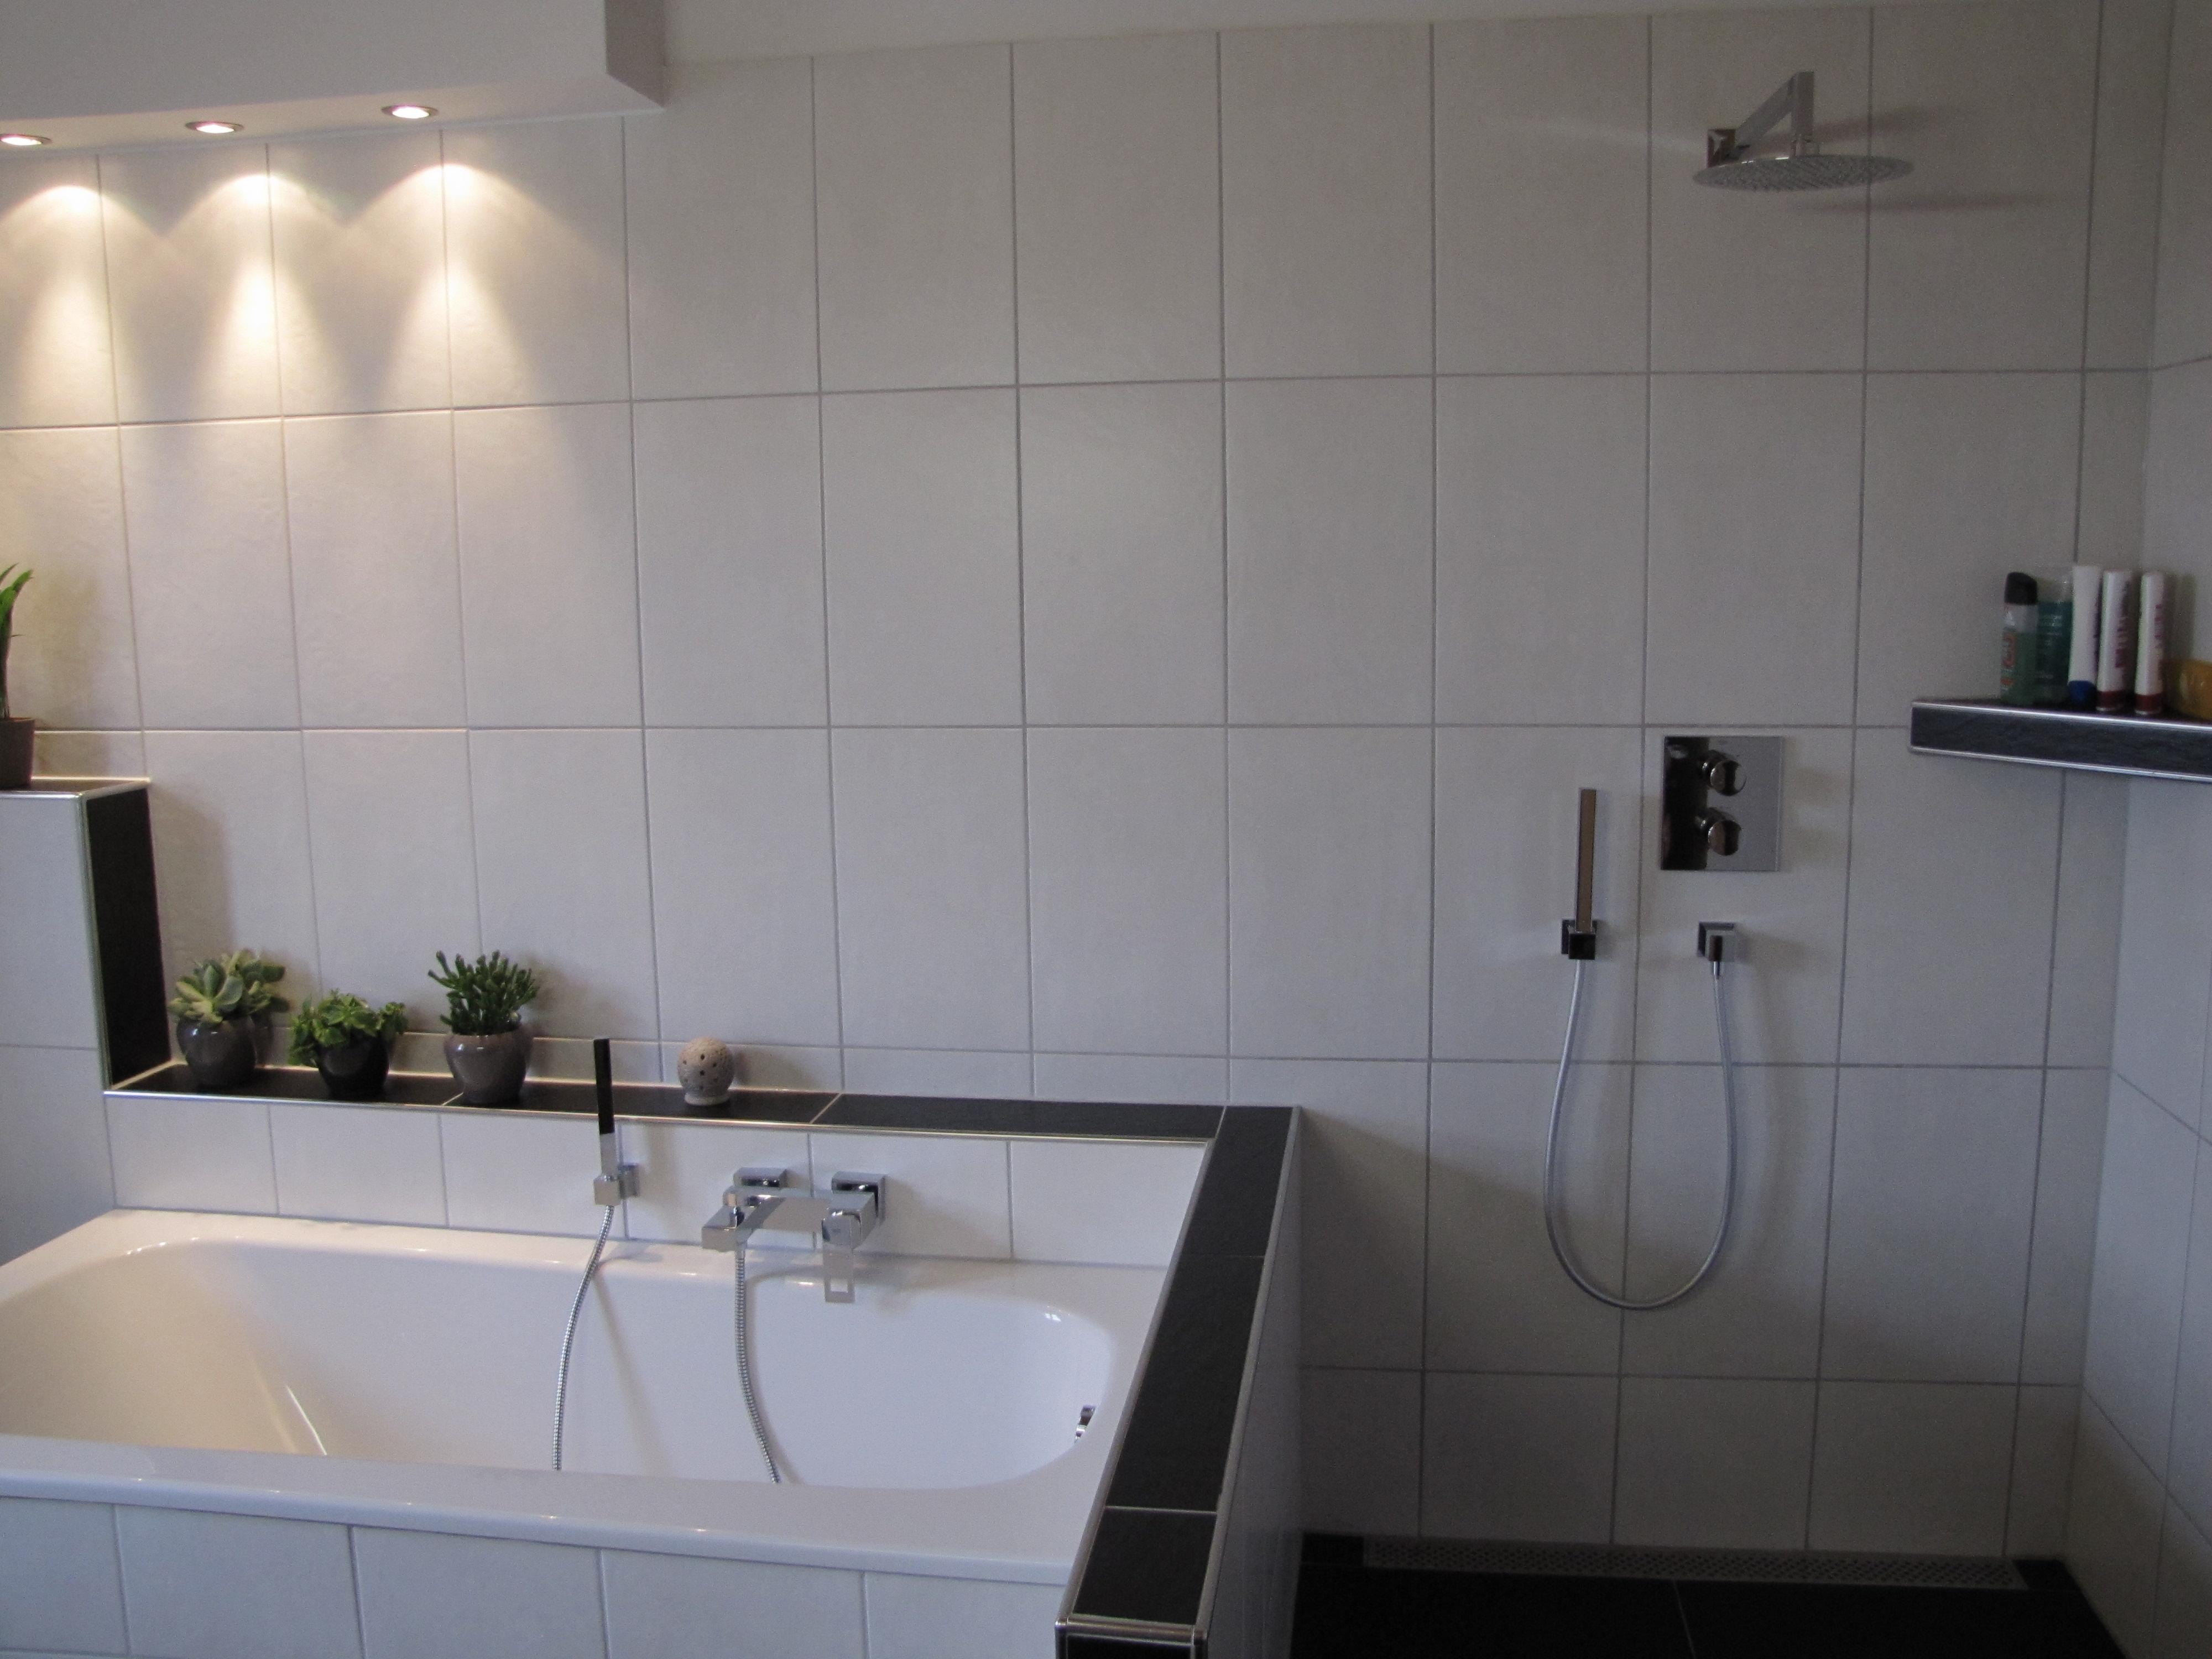 Püttlingen - Duschbereich